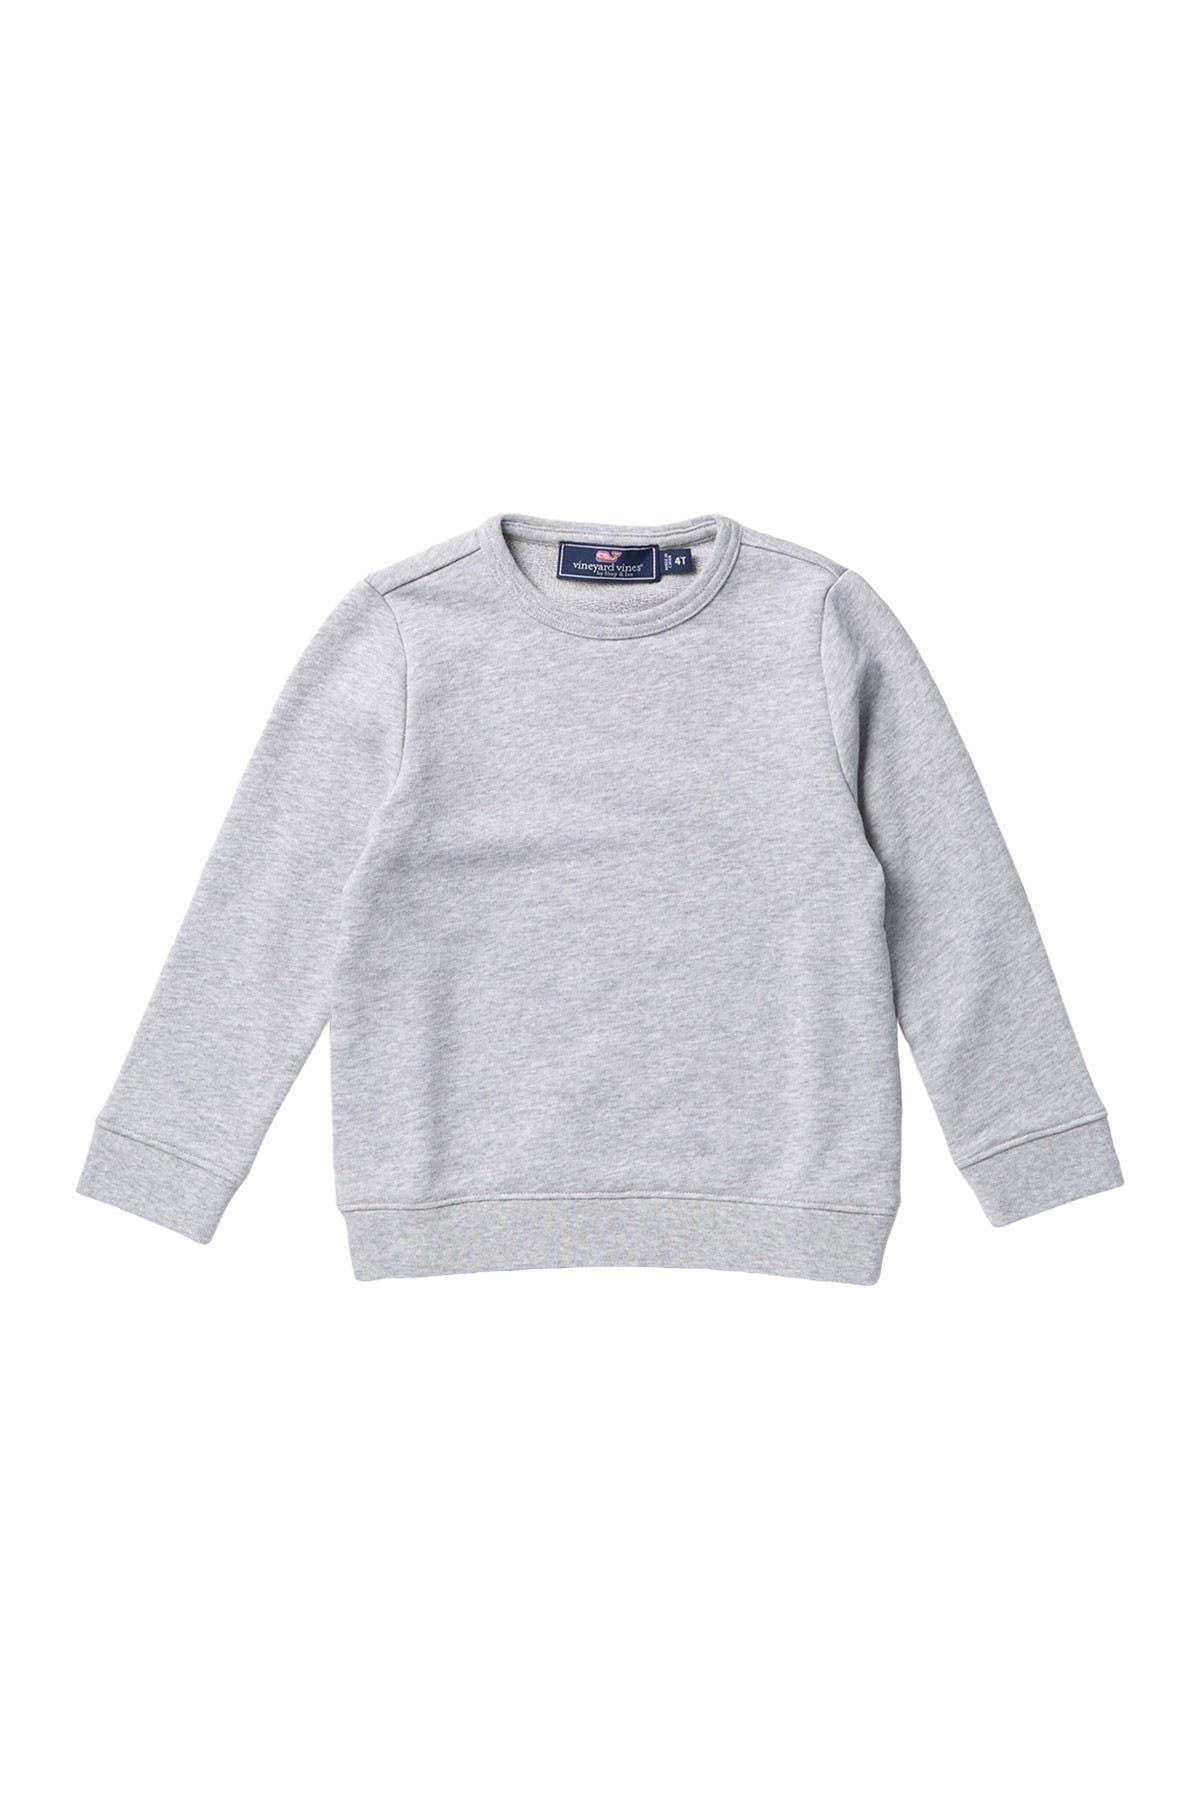 Vineyard Vines Classic Crew Neck Sweatshirt